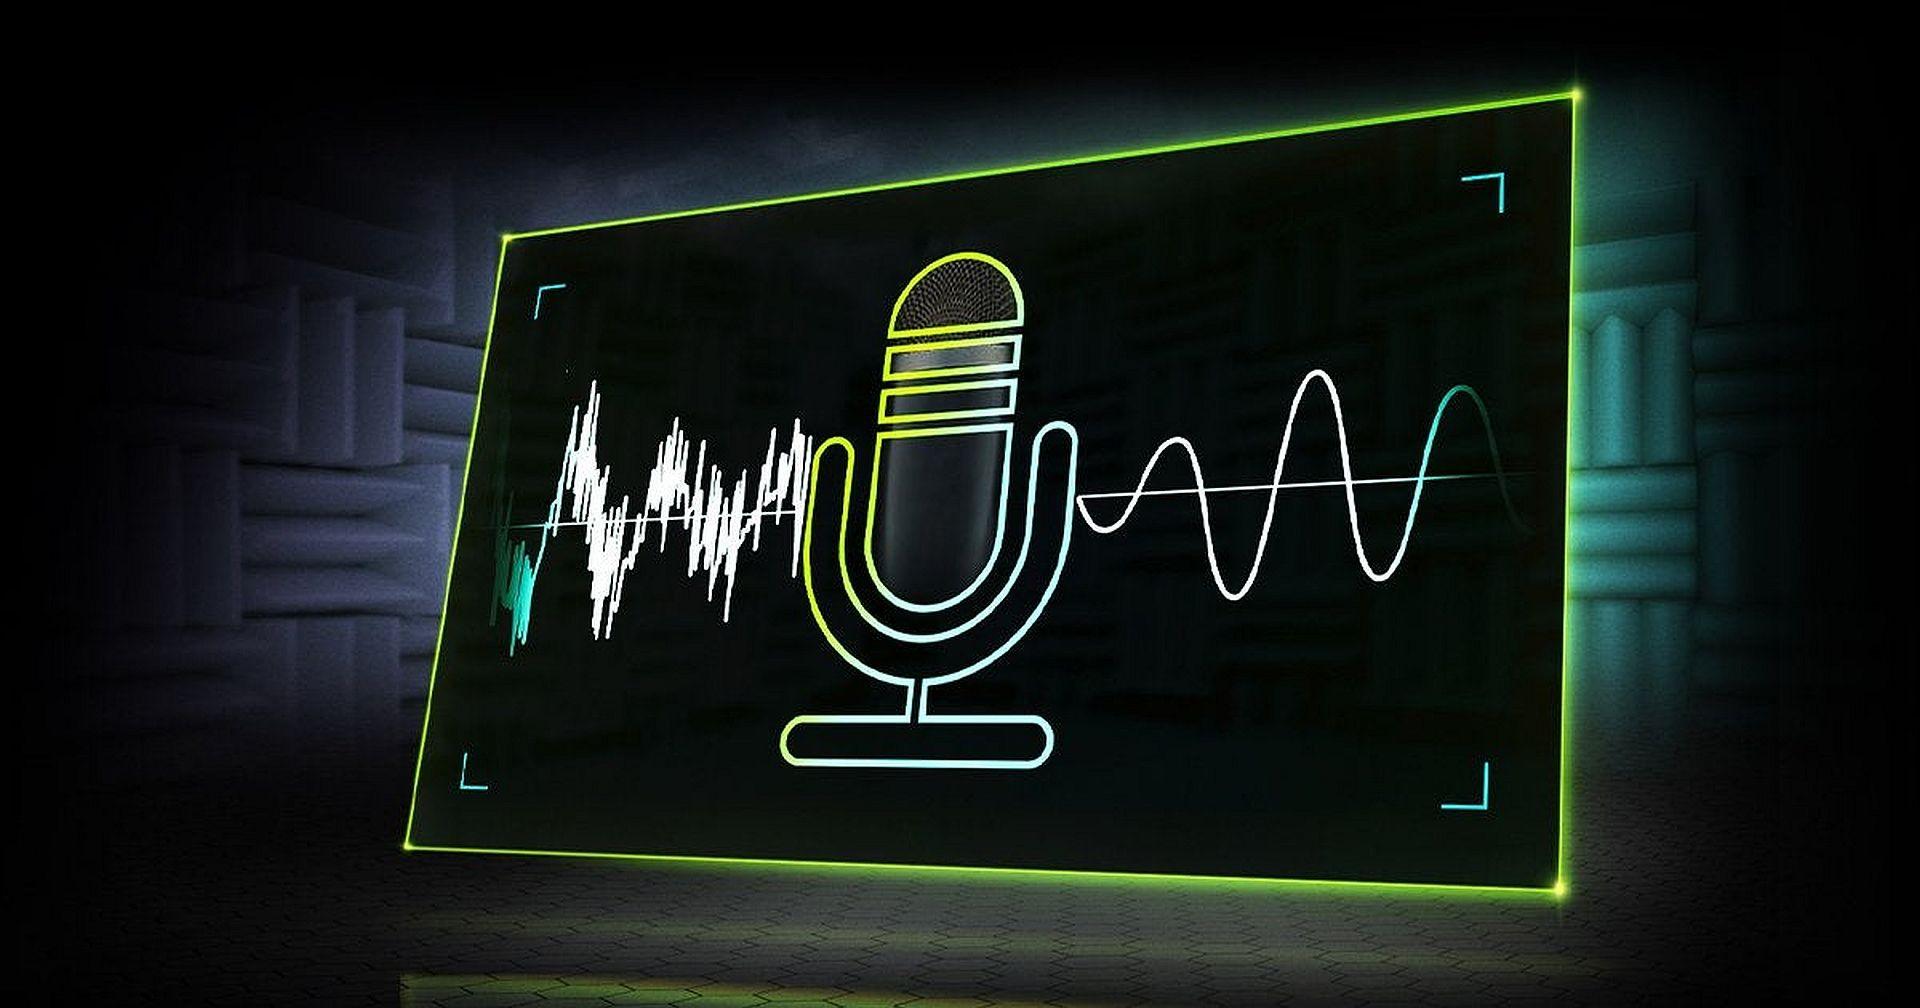 RTX Voice promete remover ruídos indesejados do microfone. (Imagem: Divulgação/NVIDIA)